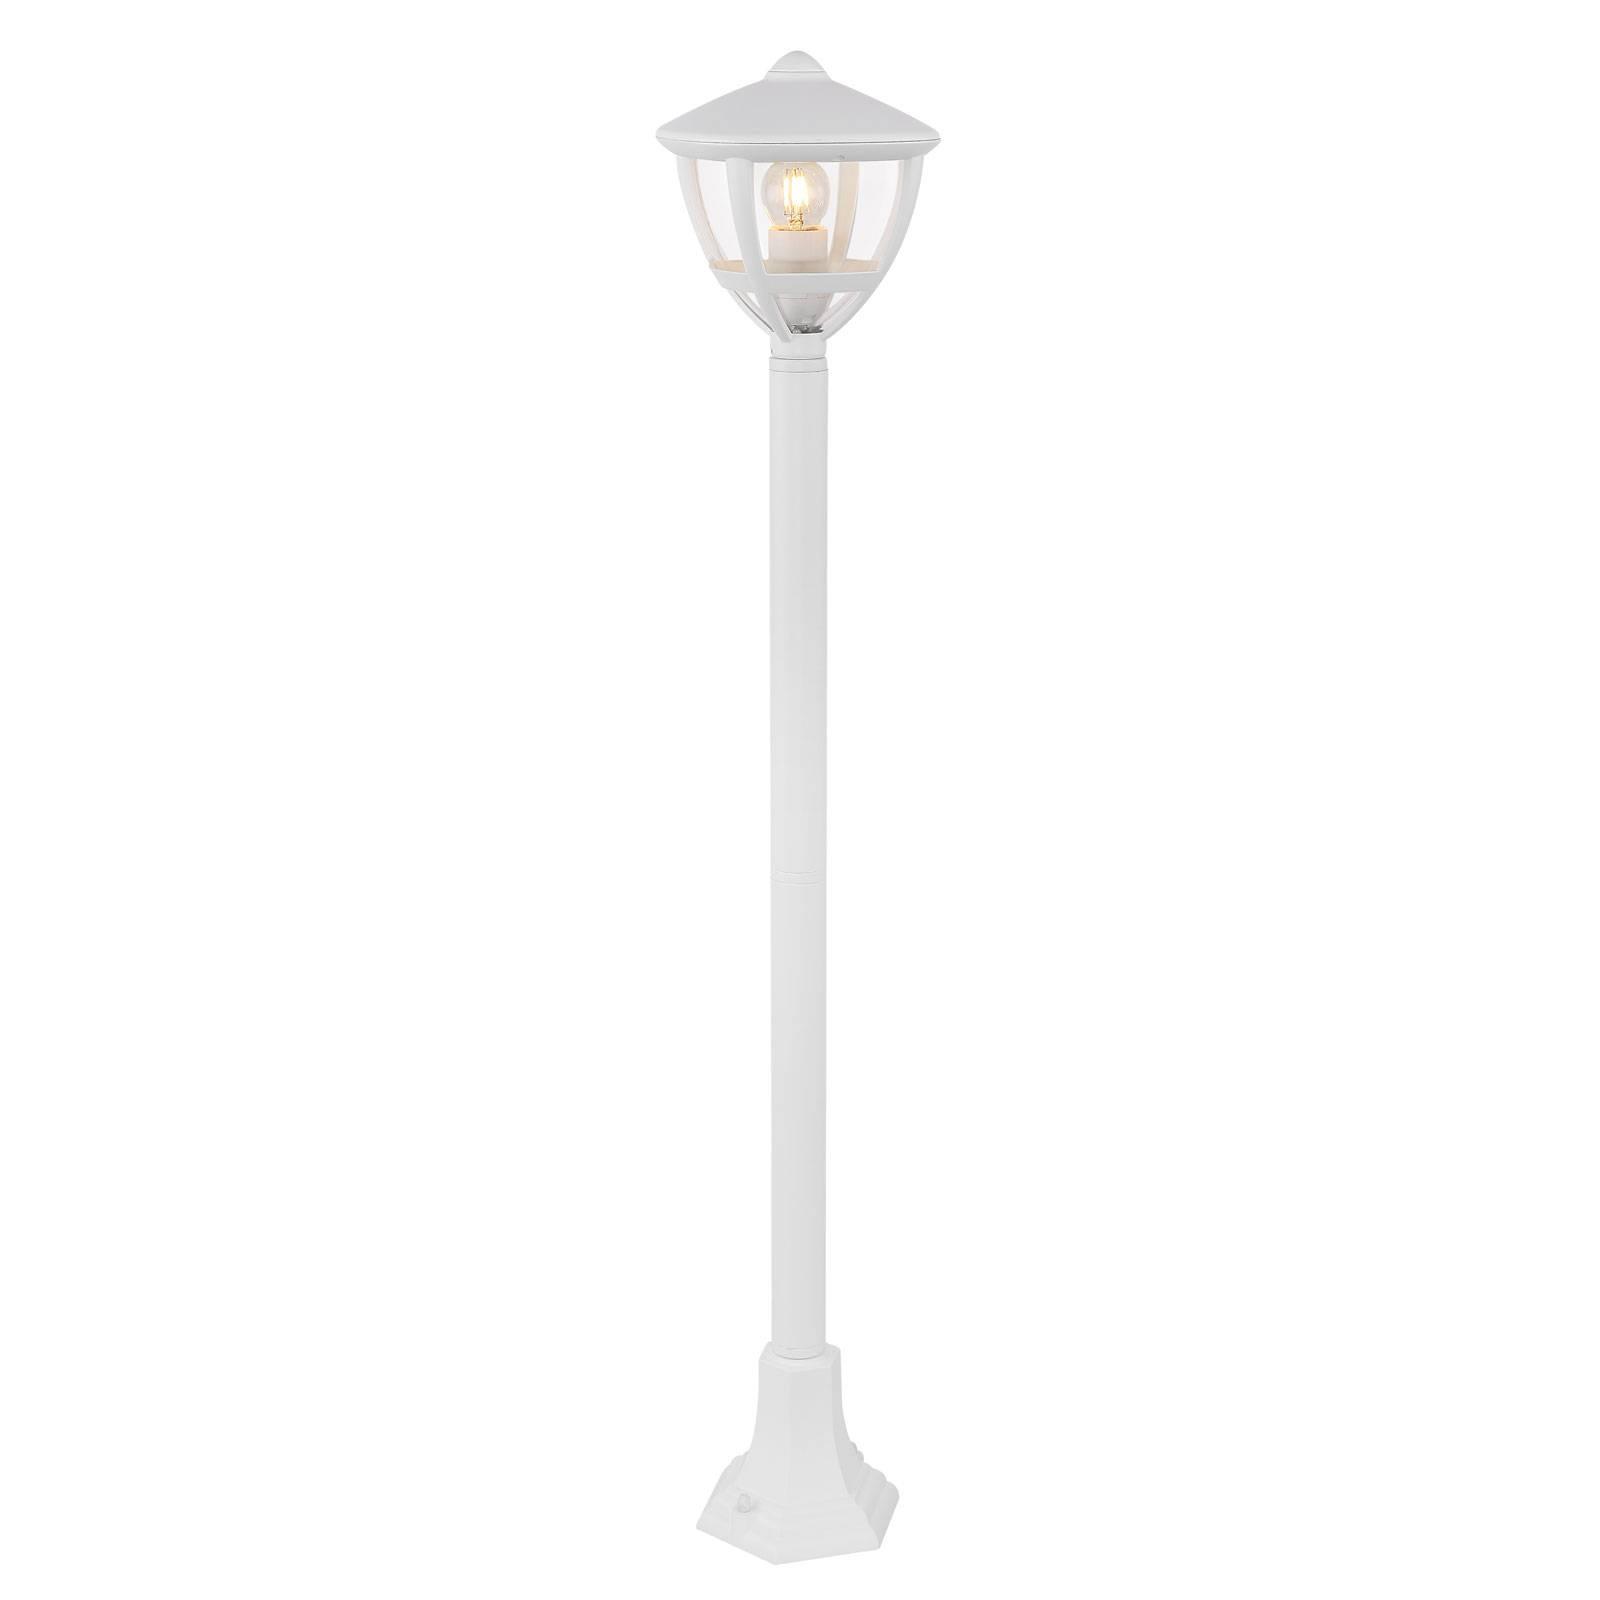 Lampione Nollo a lanterna, bianco